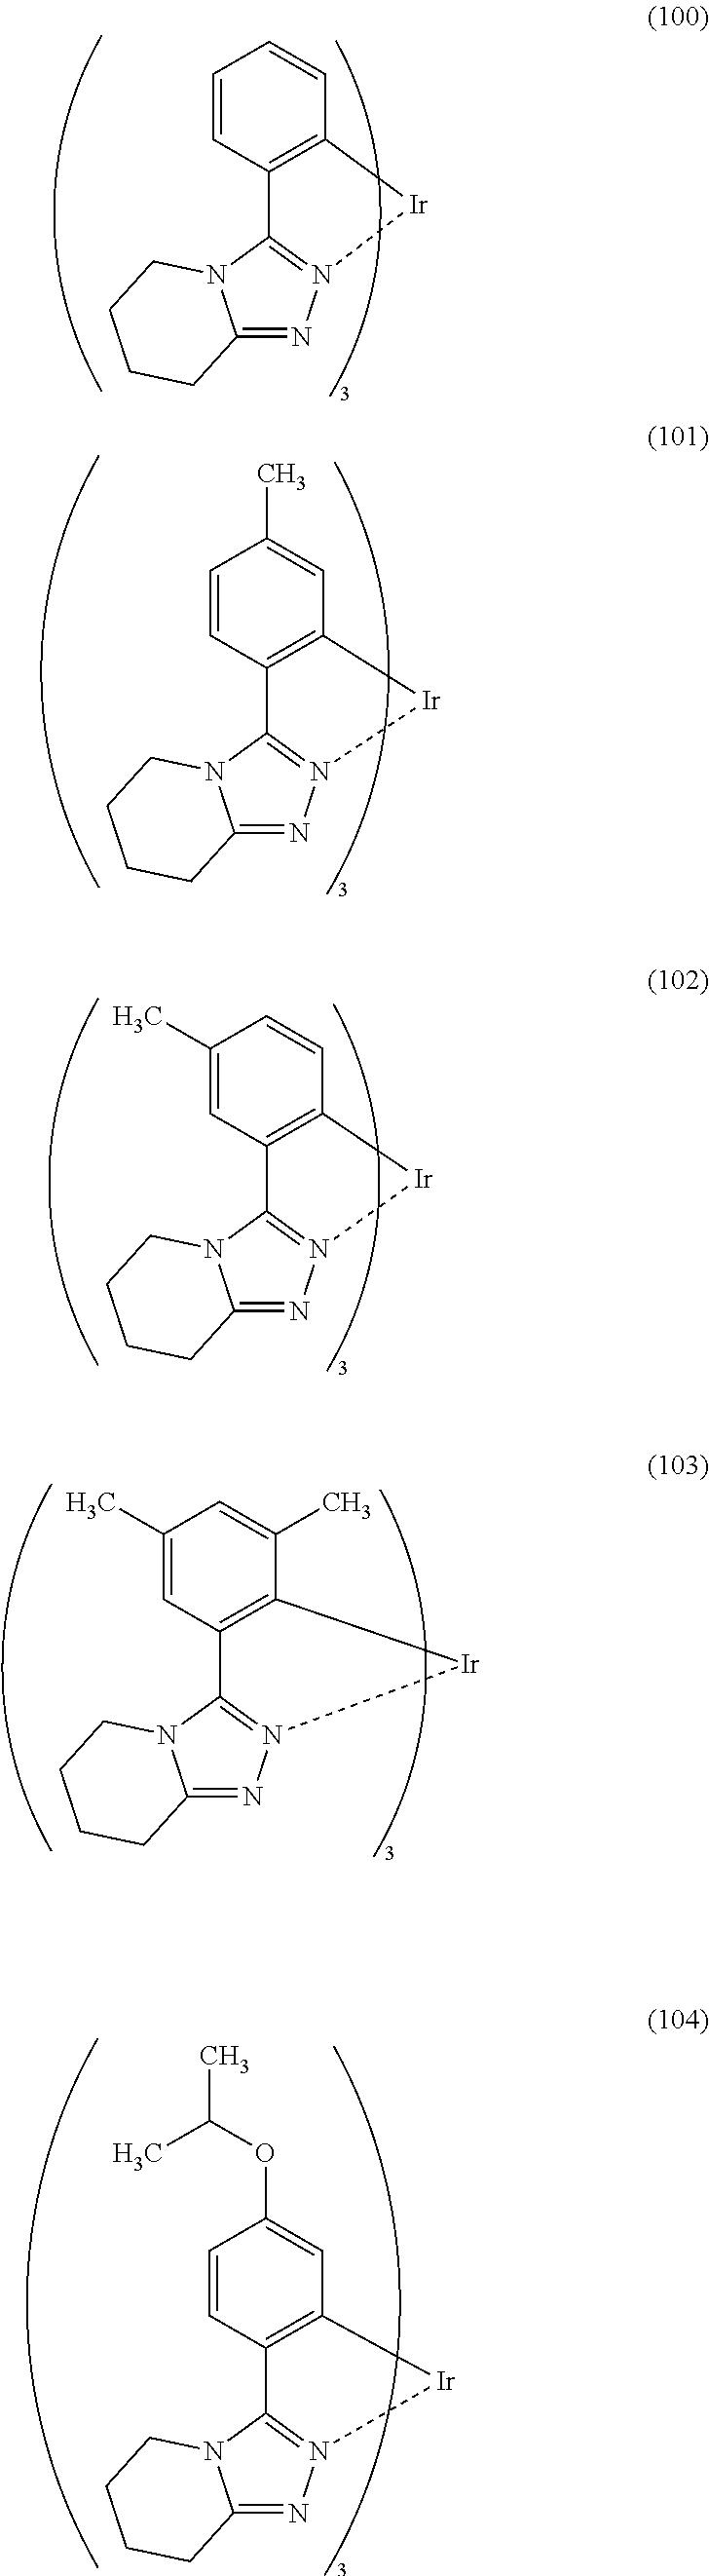 Figure US09741946-20170822-C00010